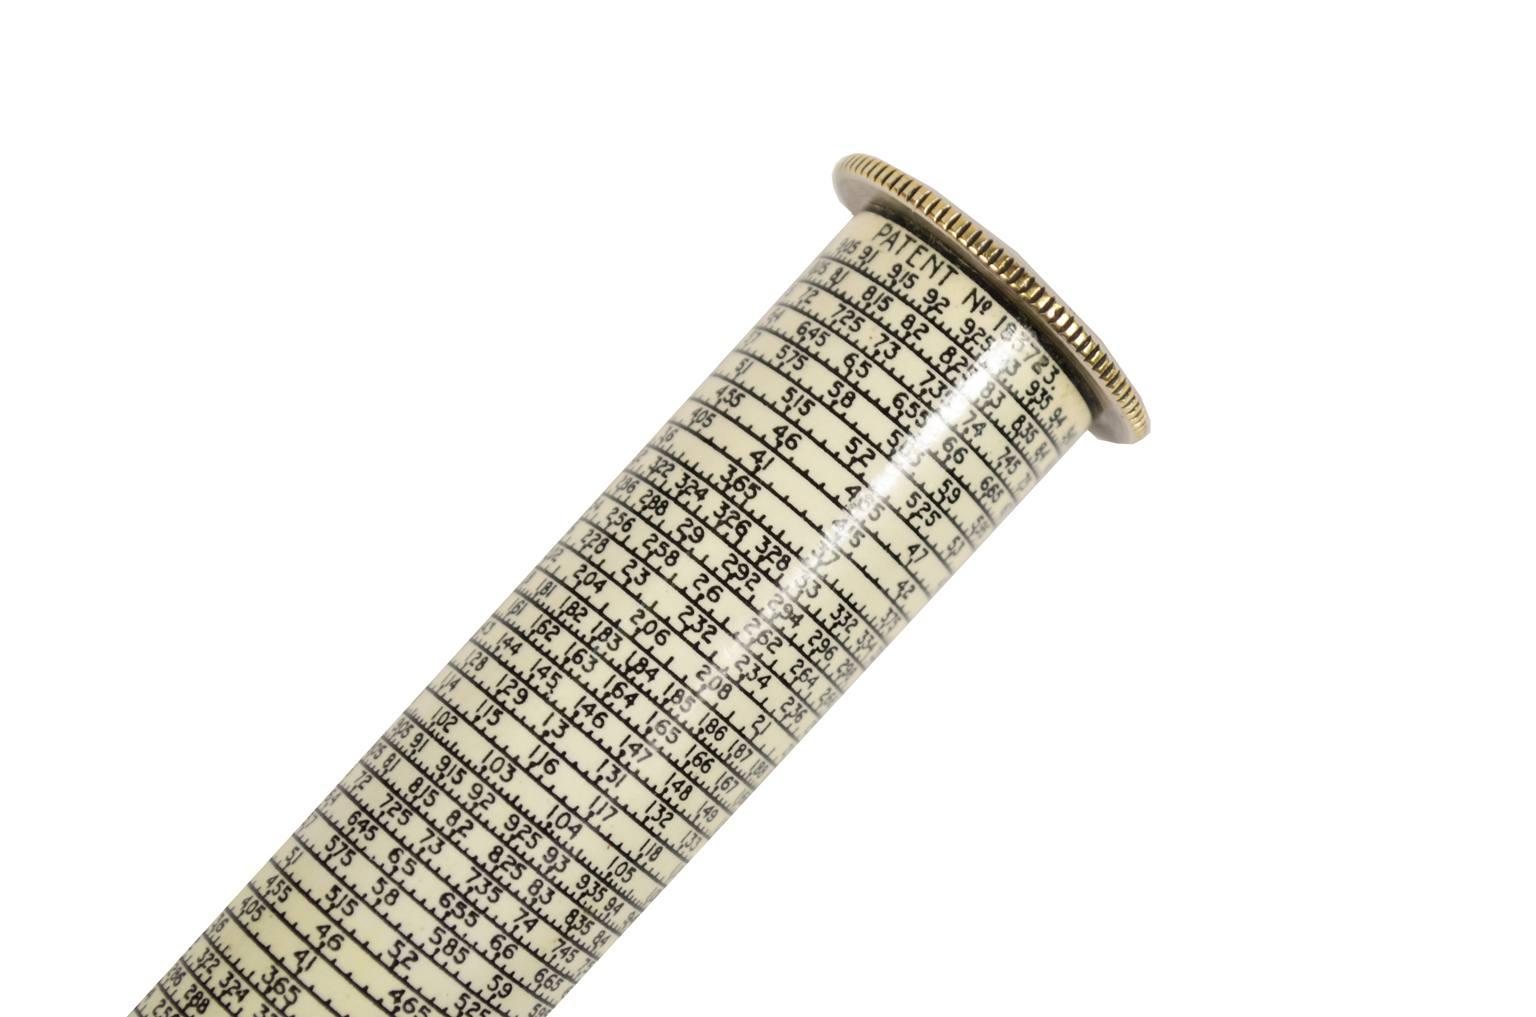 Strumenti di misura antichi/6448A-Regolo calcolatore epoca